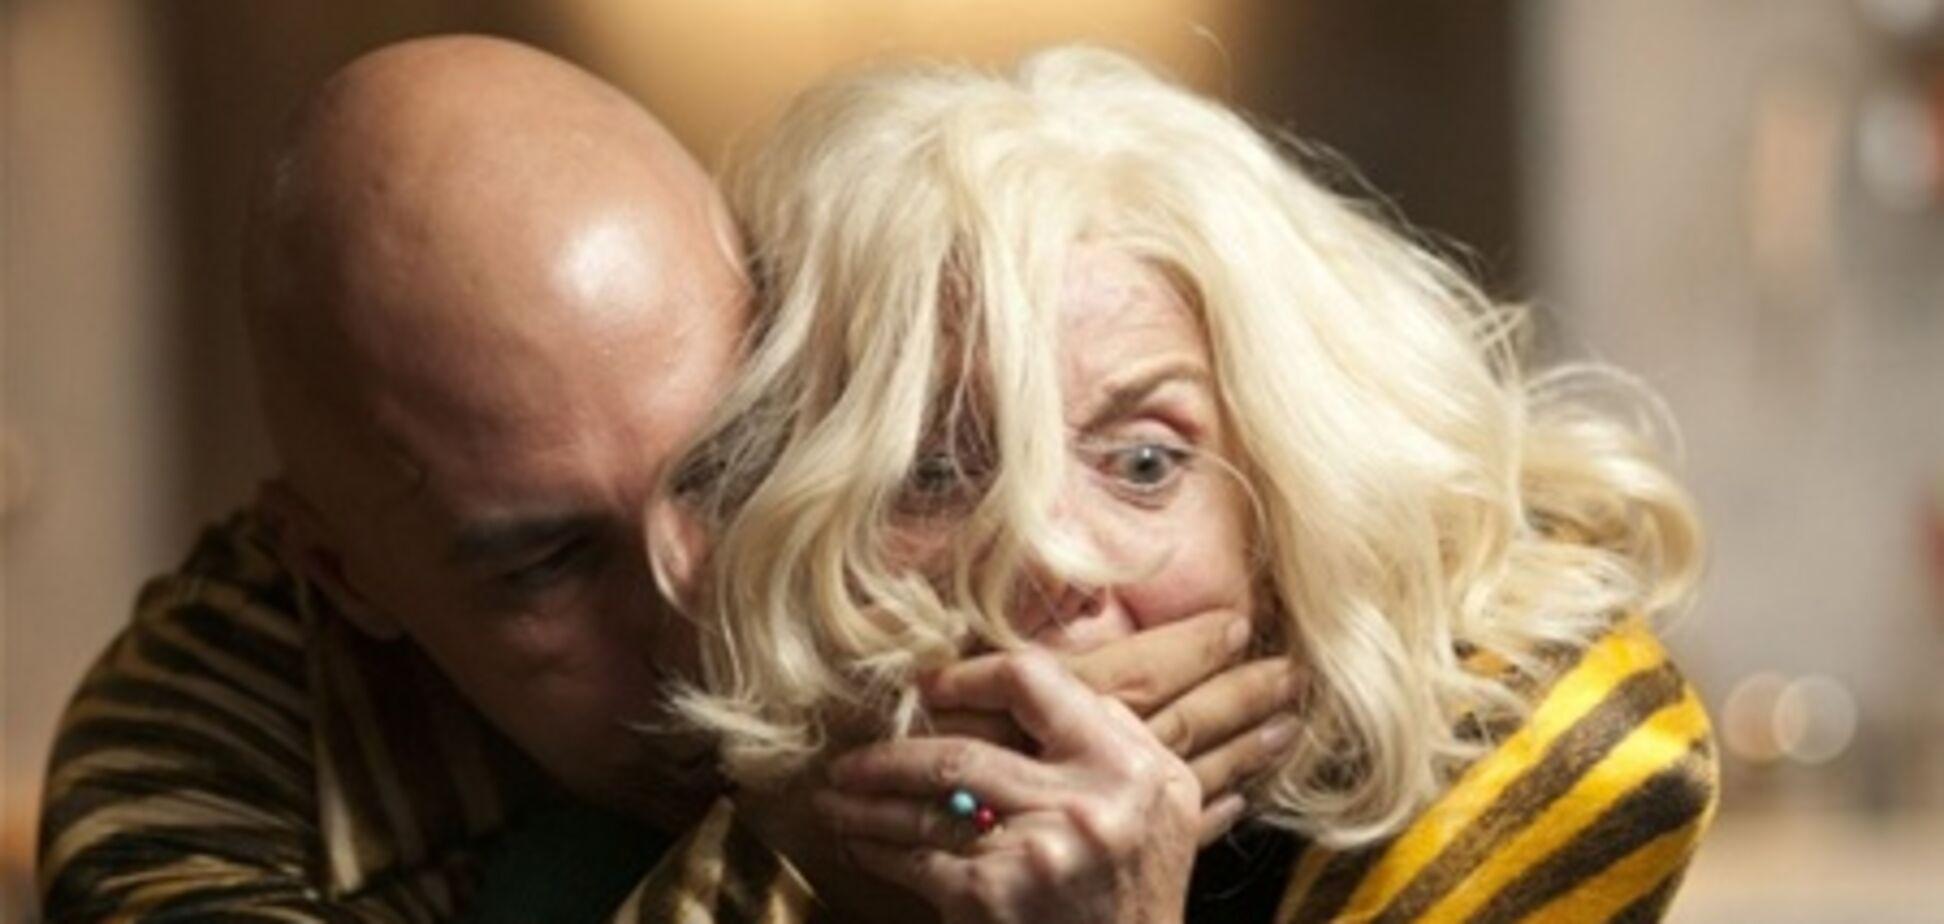 В украинский прокат вышел культовый фильм с участием Бандераса